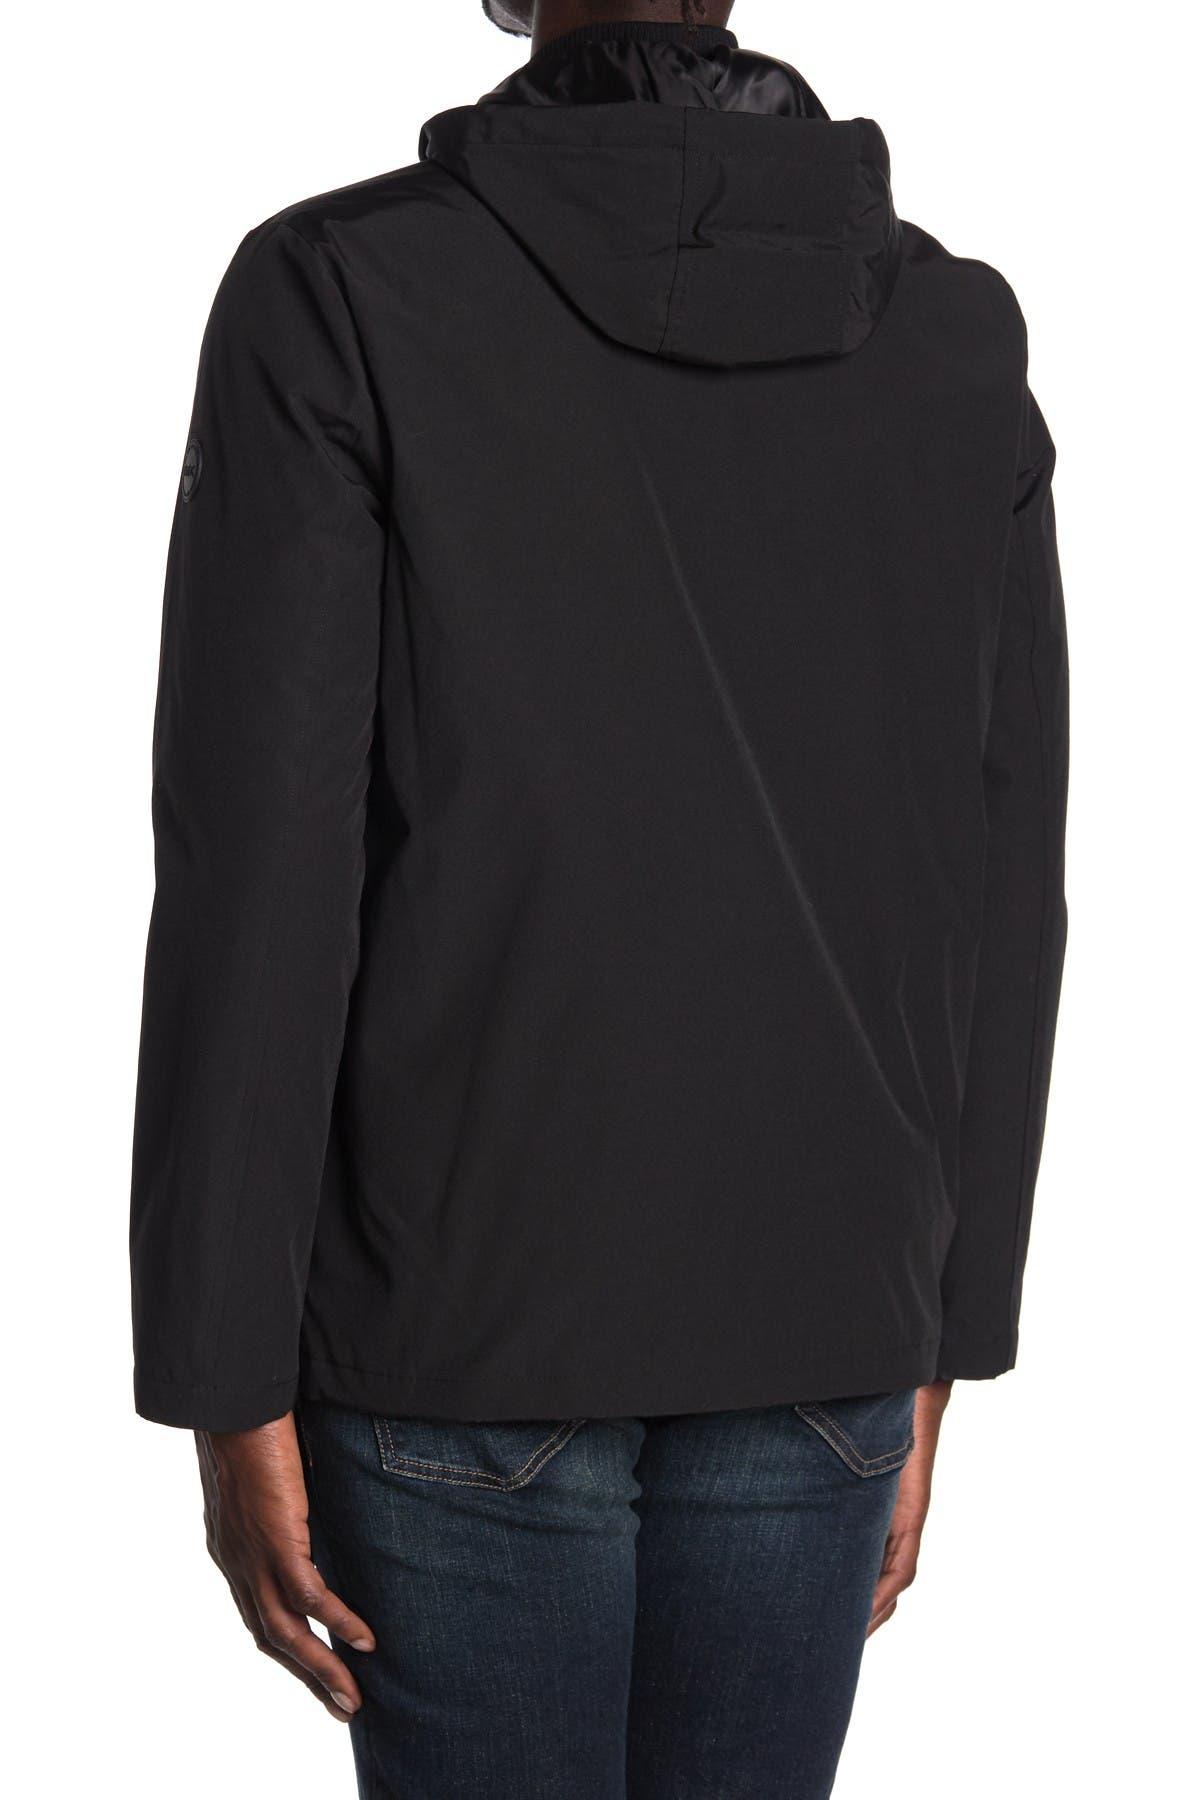 Michael Kors Hooded Zip Front Jacket